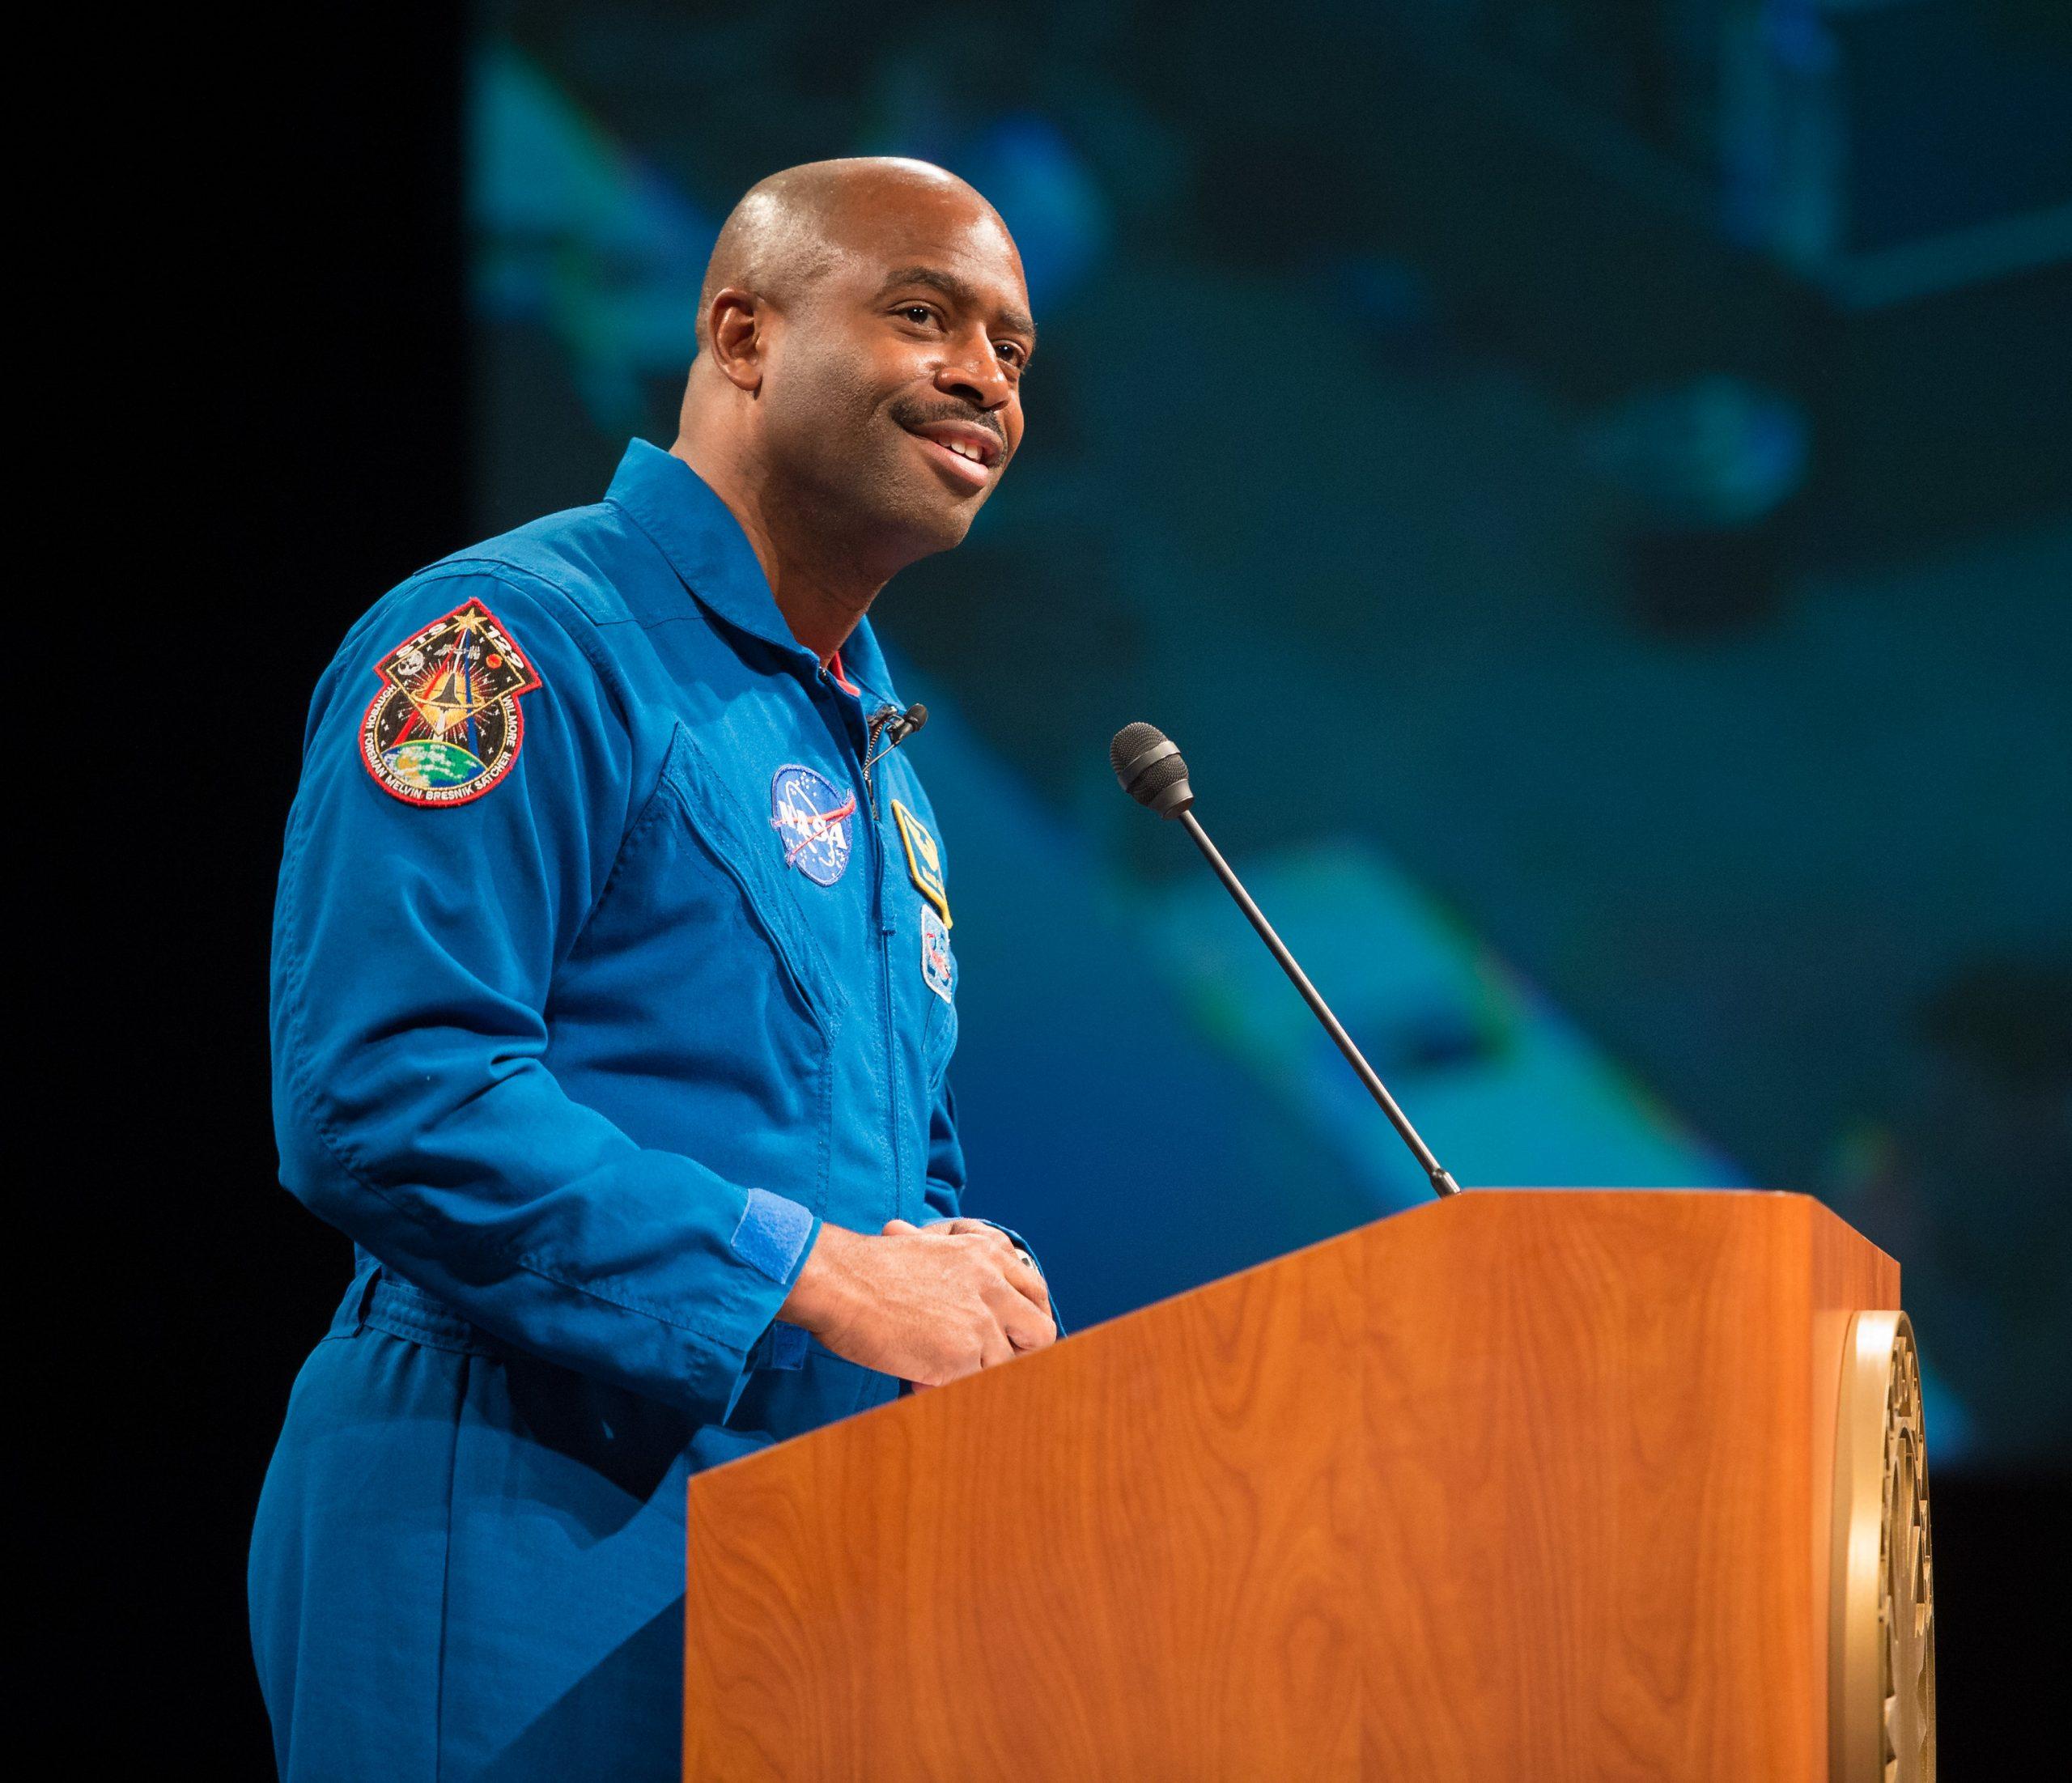 ありふれた作業が難しい、NASA元宇宙飛行士のアドバイス